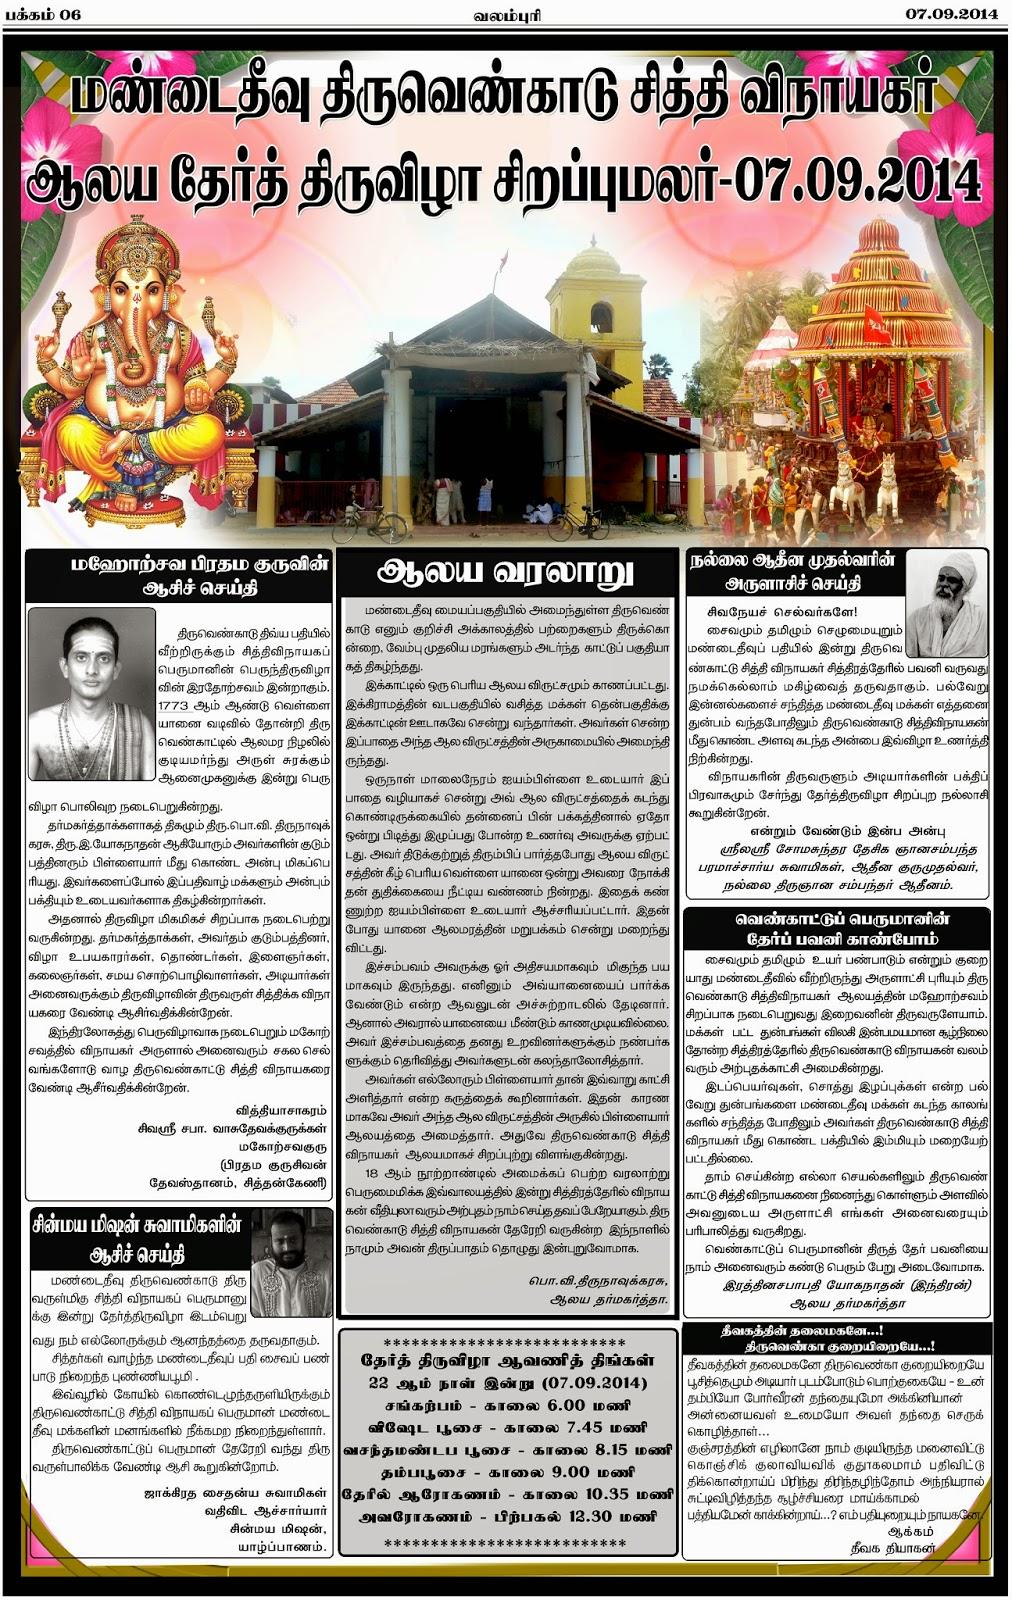 http://www.thiruvenkadumandaitivu.com/